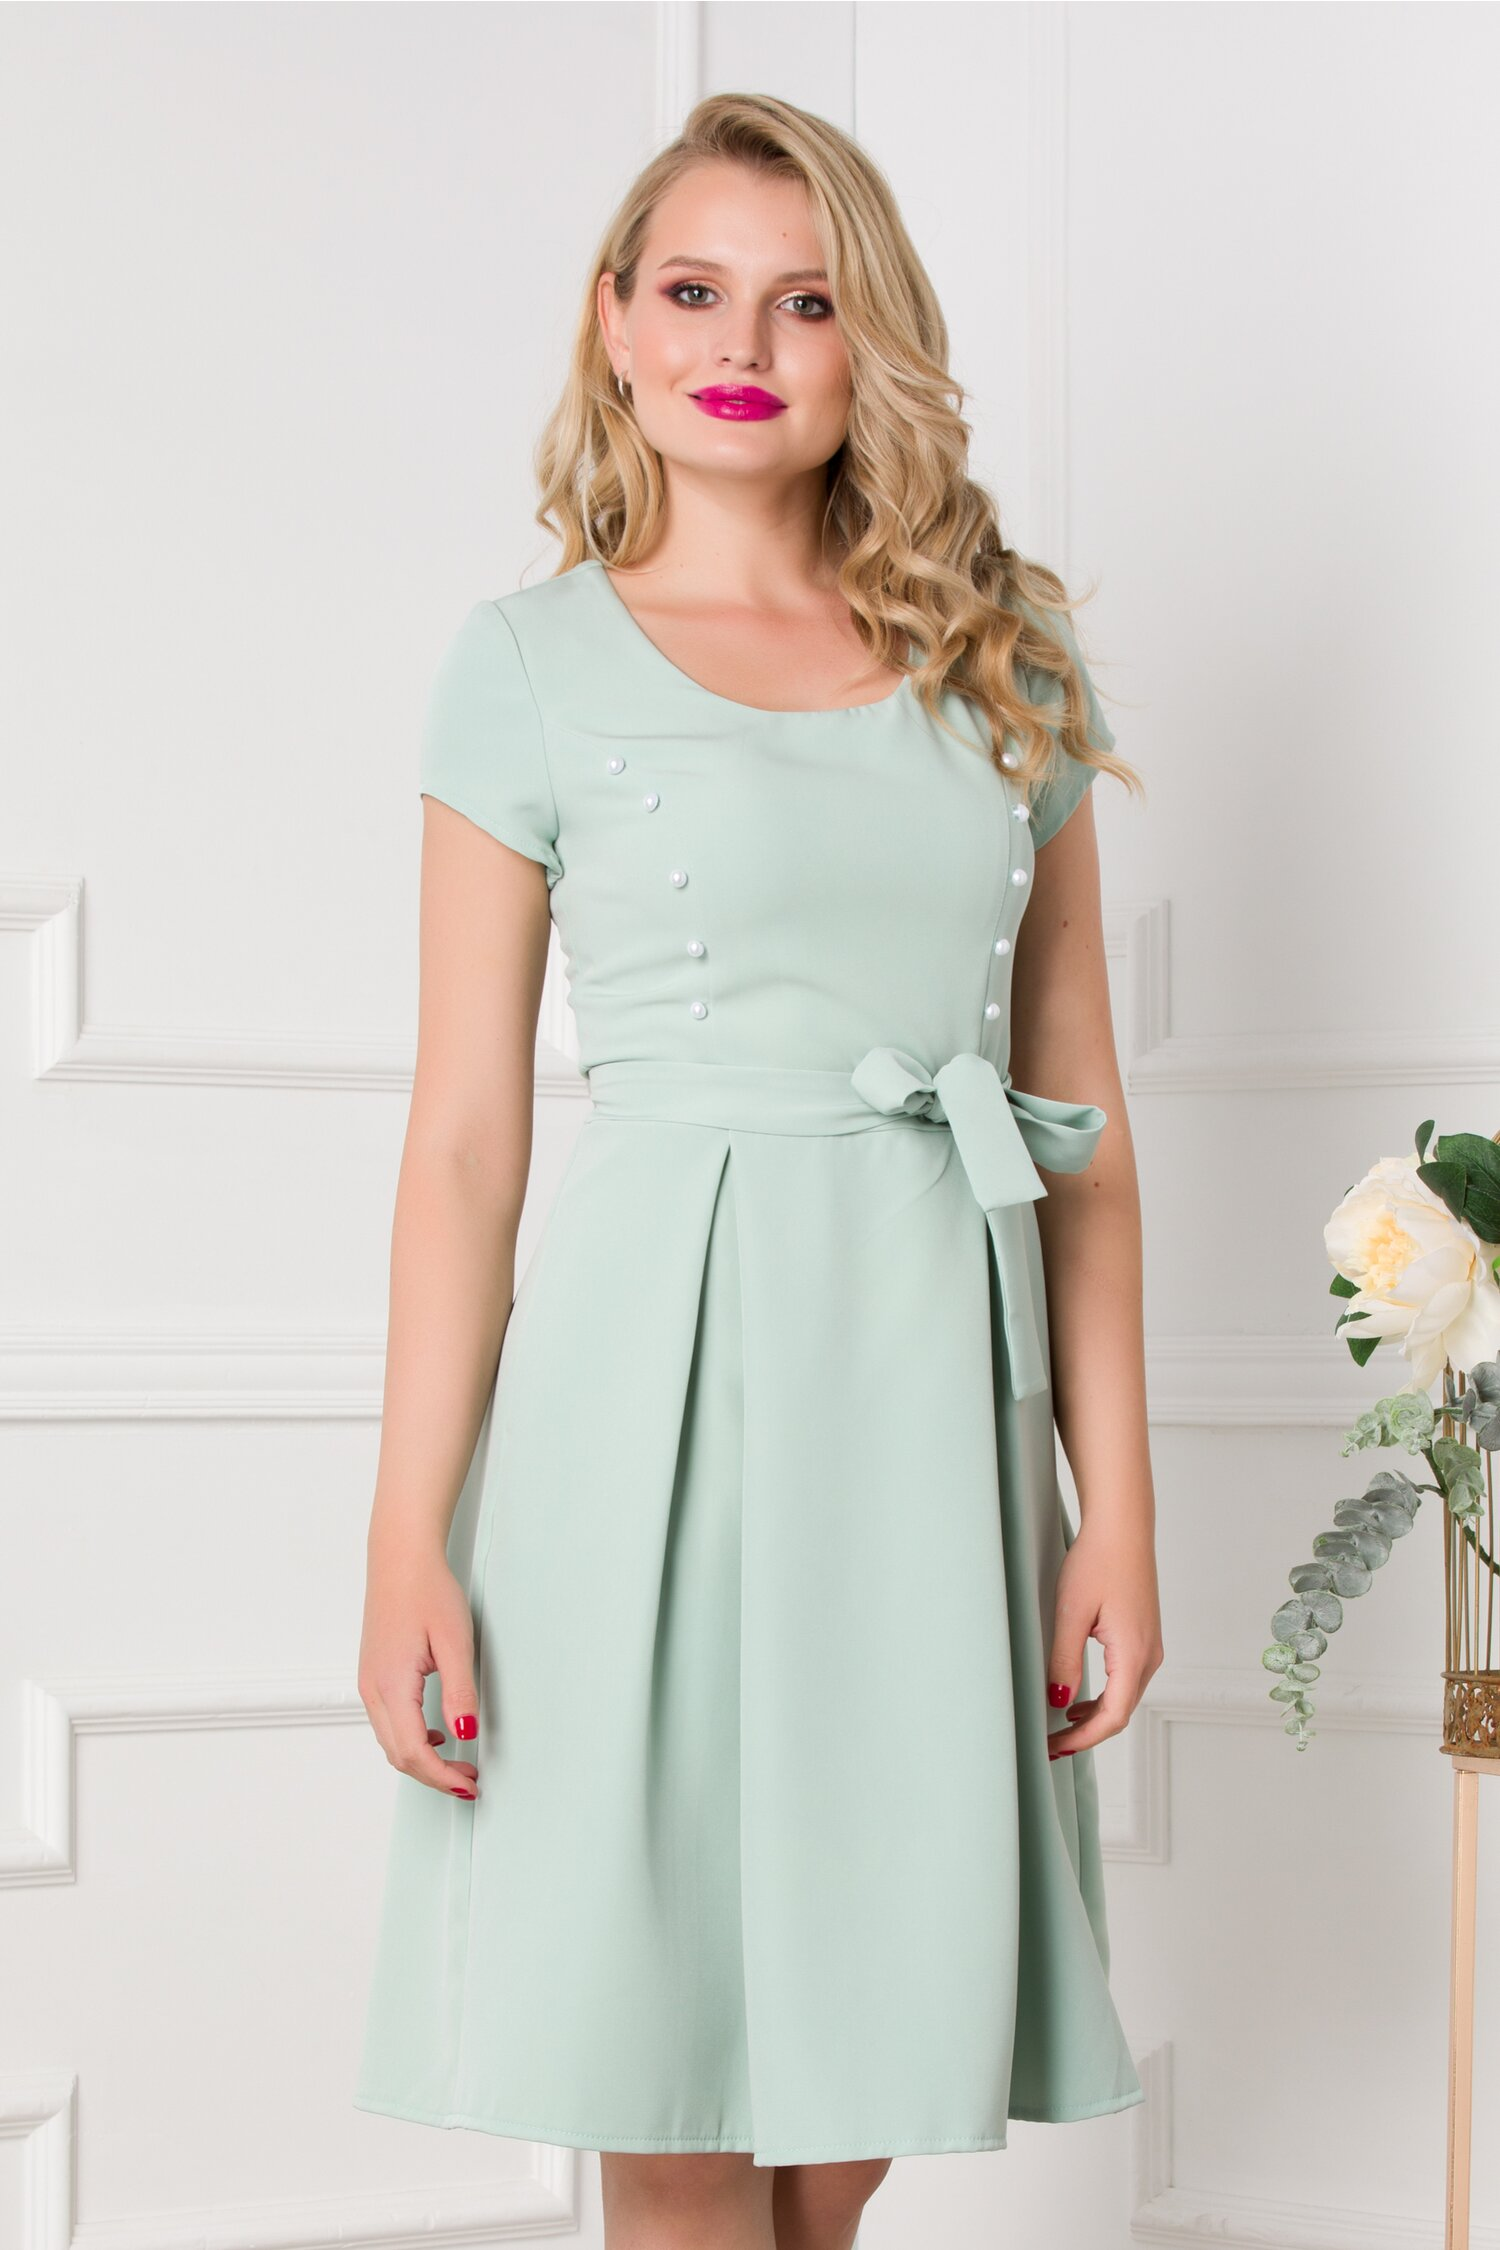 Rochie Erika verde pastelat accesorizata cu nasturasi albi perlati